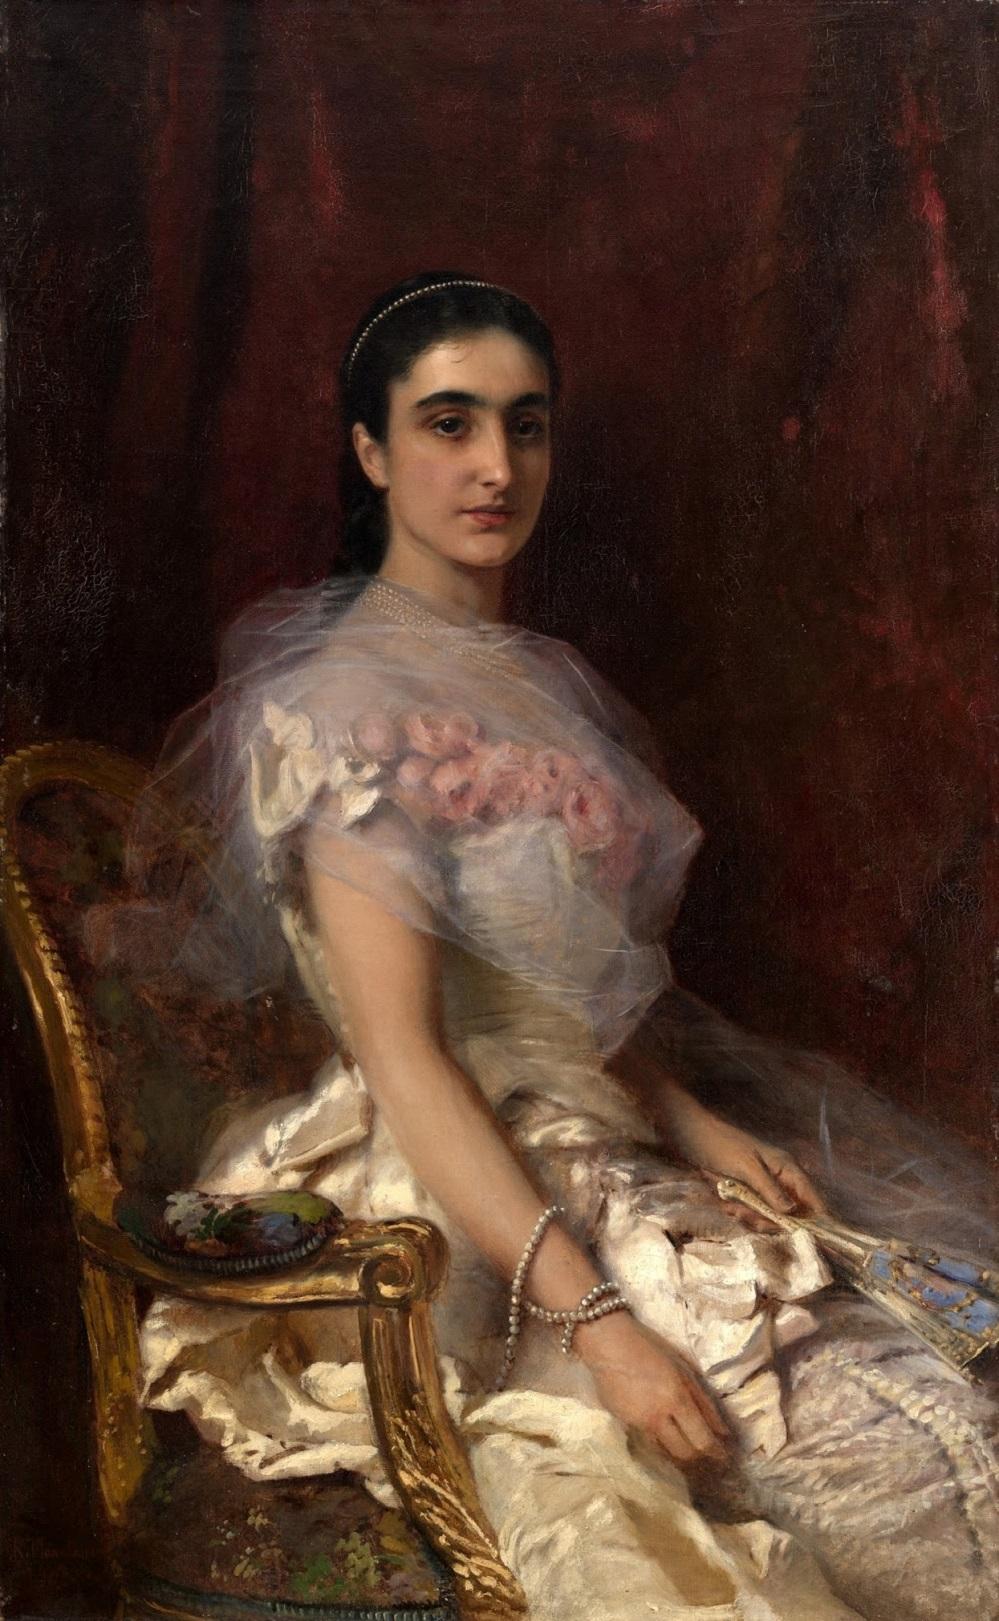 Портрет сидящей дамы_1883 Частное собрание.